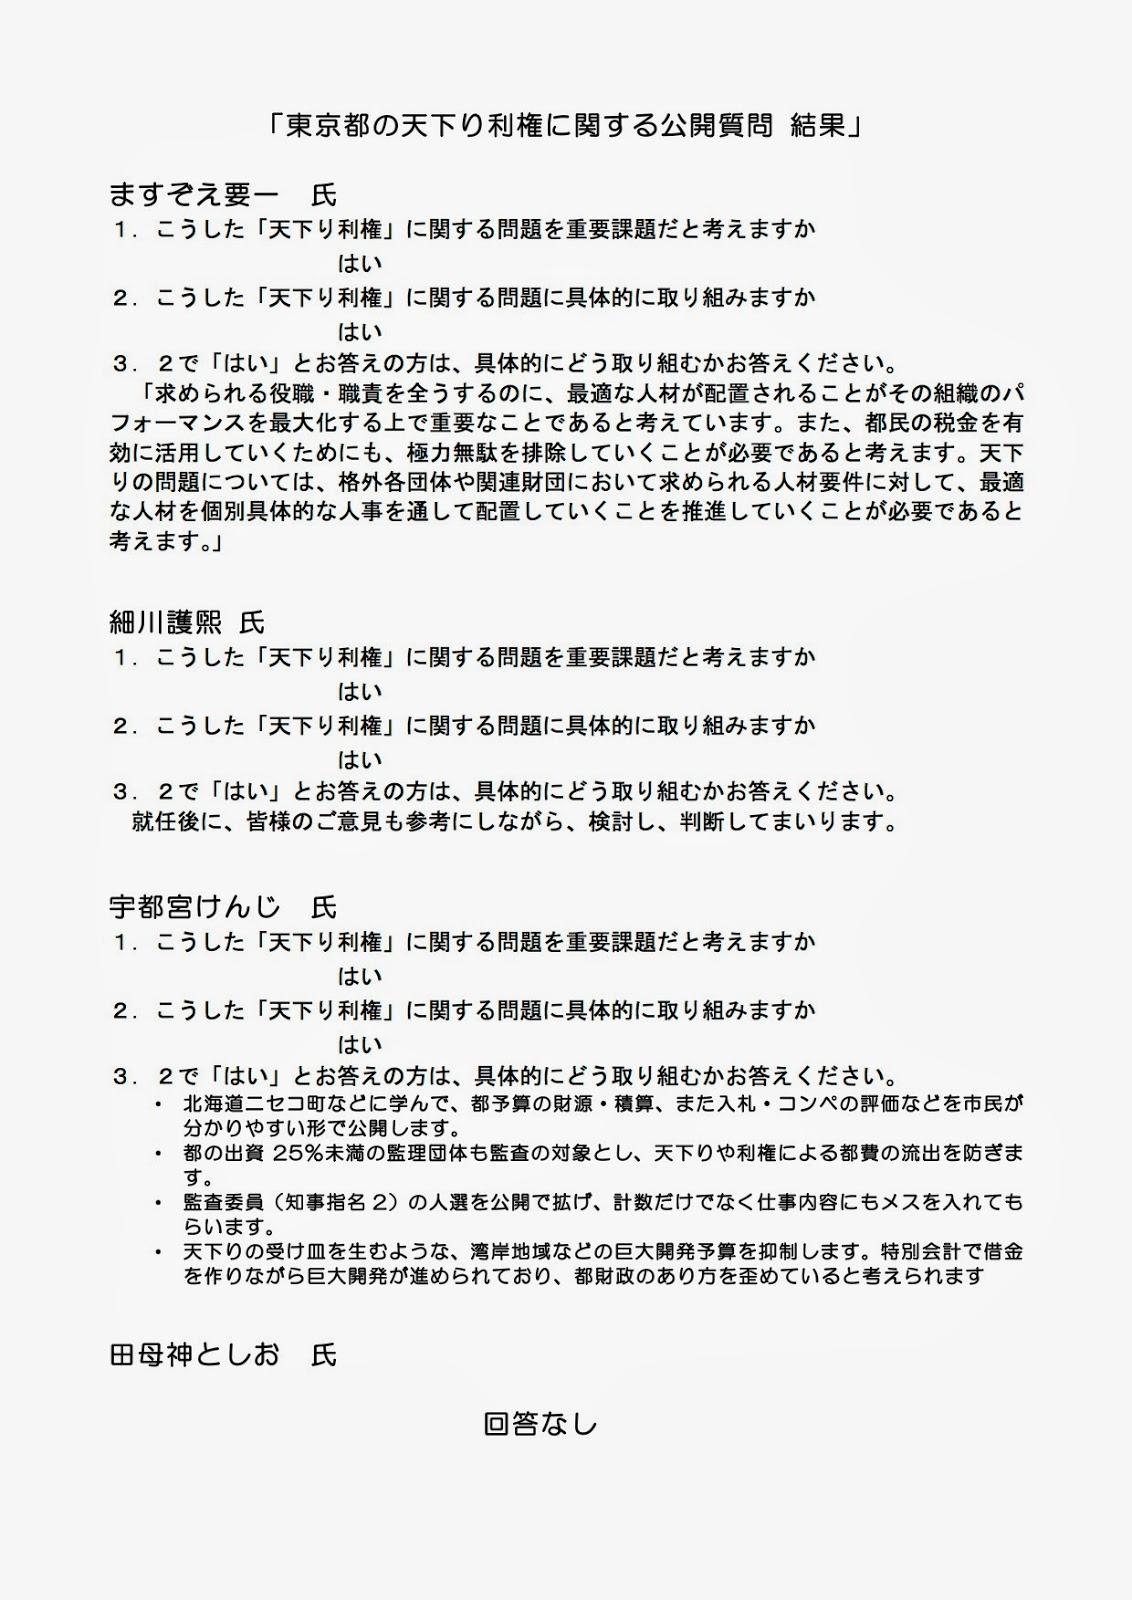 NPO法人「万年野党」による「東京都天下り利権に関する調査説明会」で、高橋洋一氏・岸博幸氏・原英史氏が説明